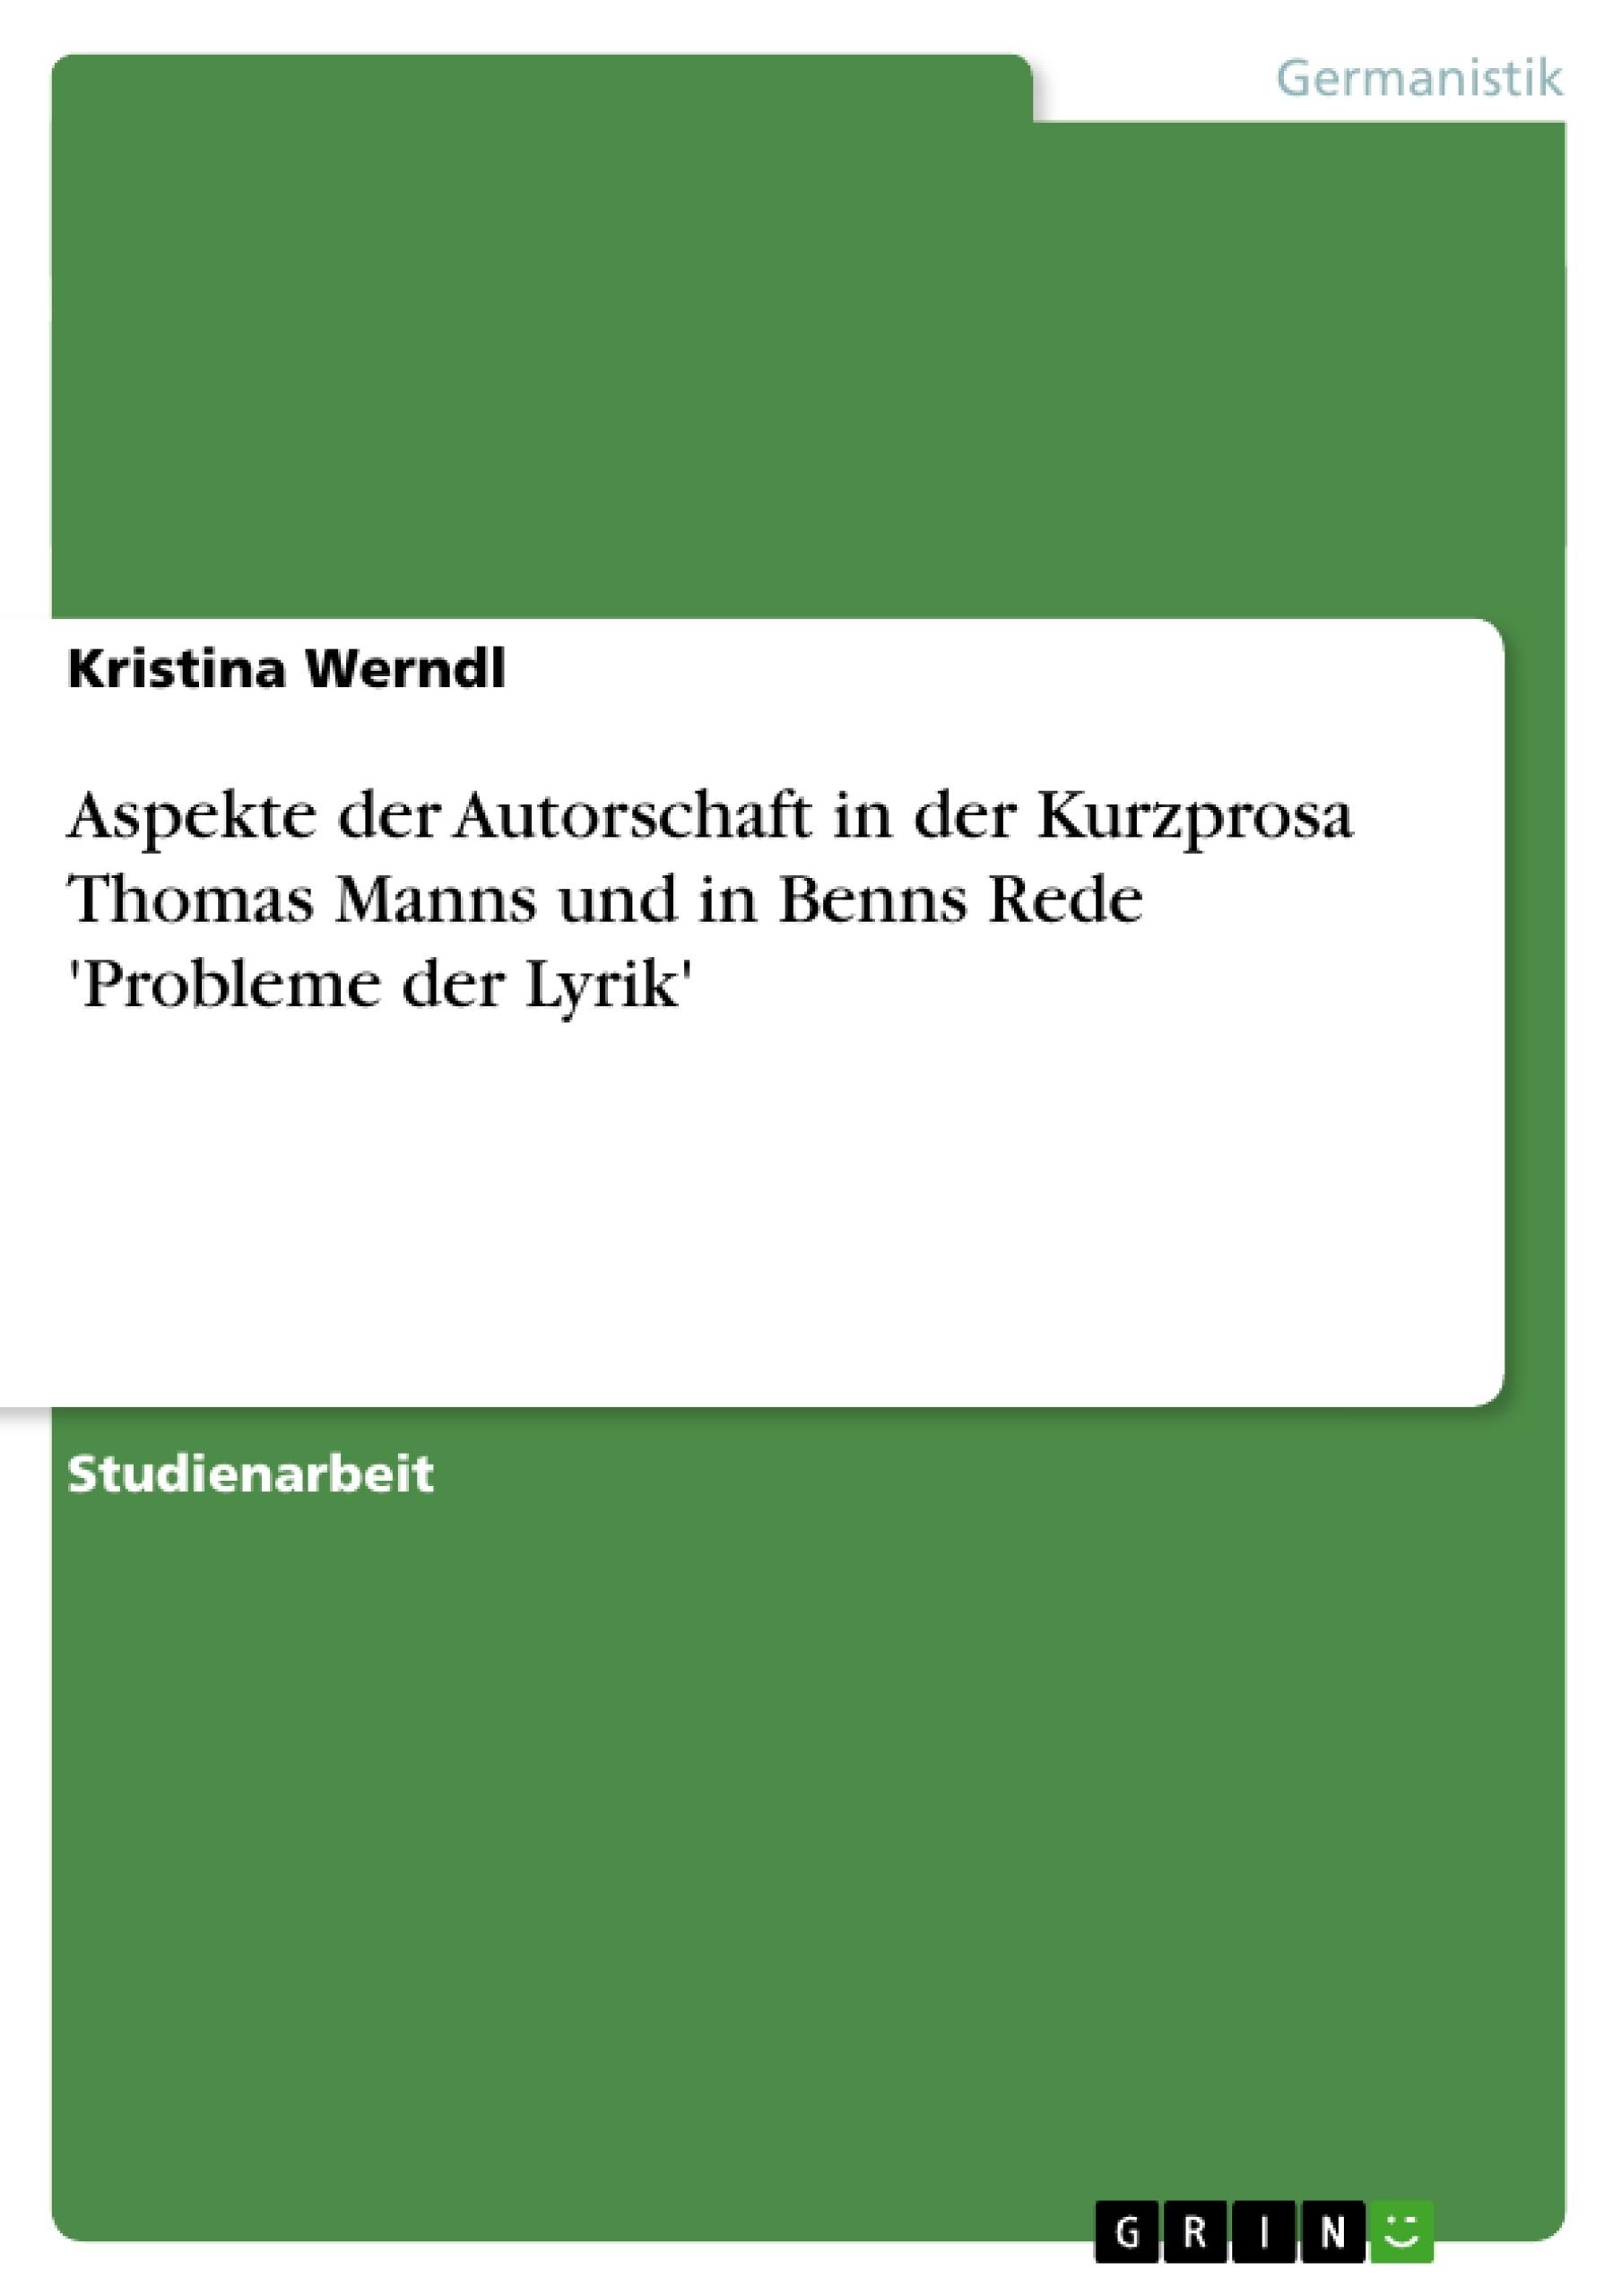 Titel: Aspekte der Autorschaft in der Kurzprosa Thomas Manns und in Benns Rede 'Probleme der Lyrik'